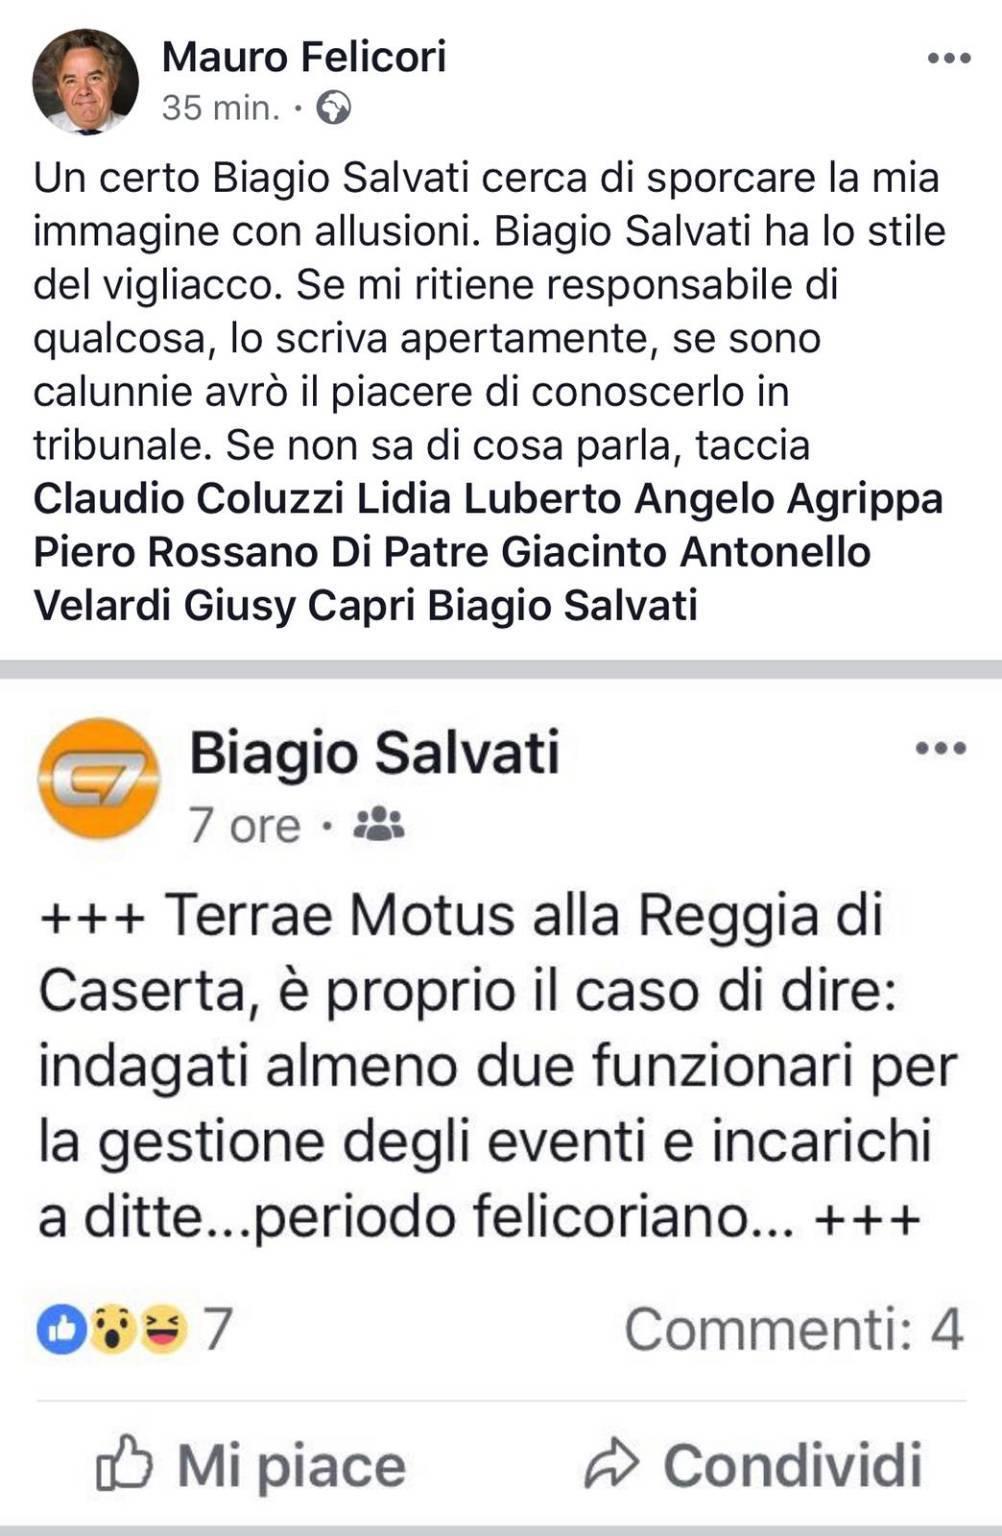 INDAGATI DIRIGENTI DELLA REGGIA DI CASERTA - FELICORI ATTACCA SU FACEBOOK UN GIORNALISTA